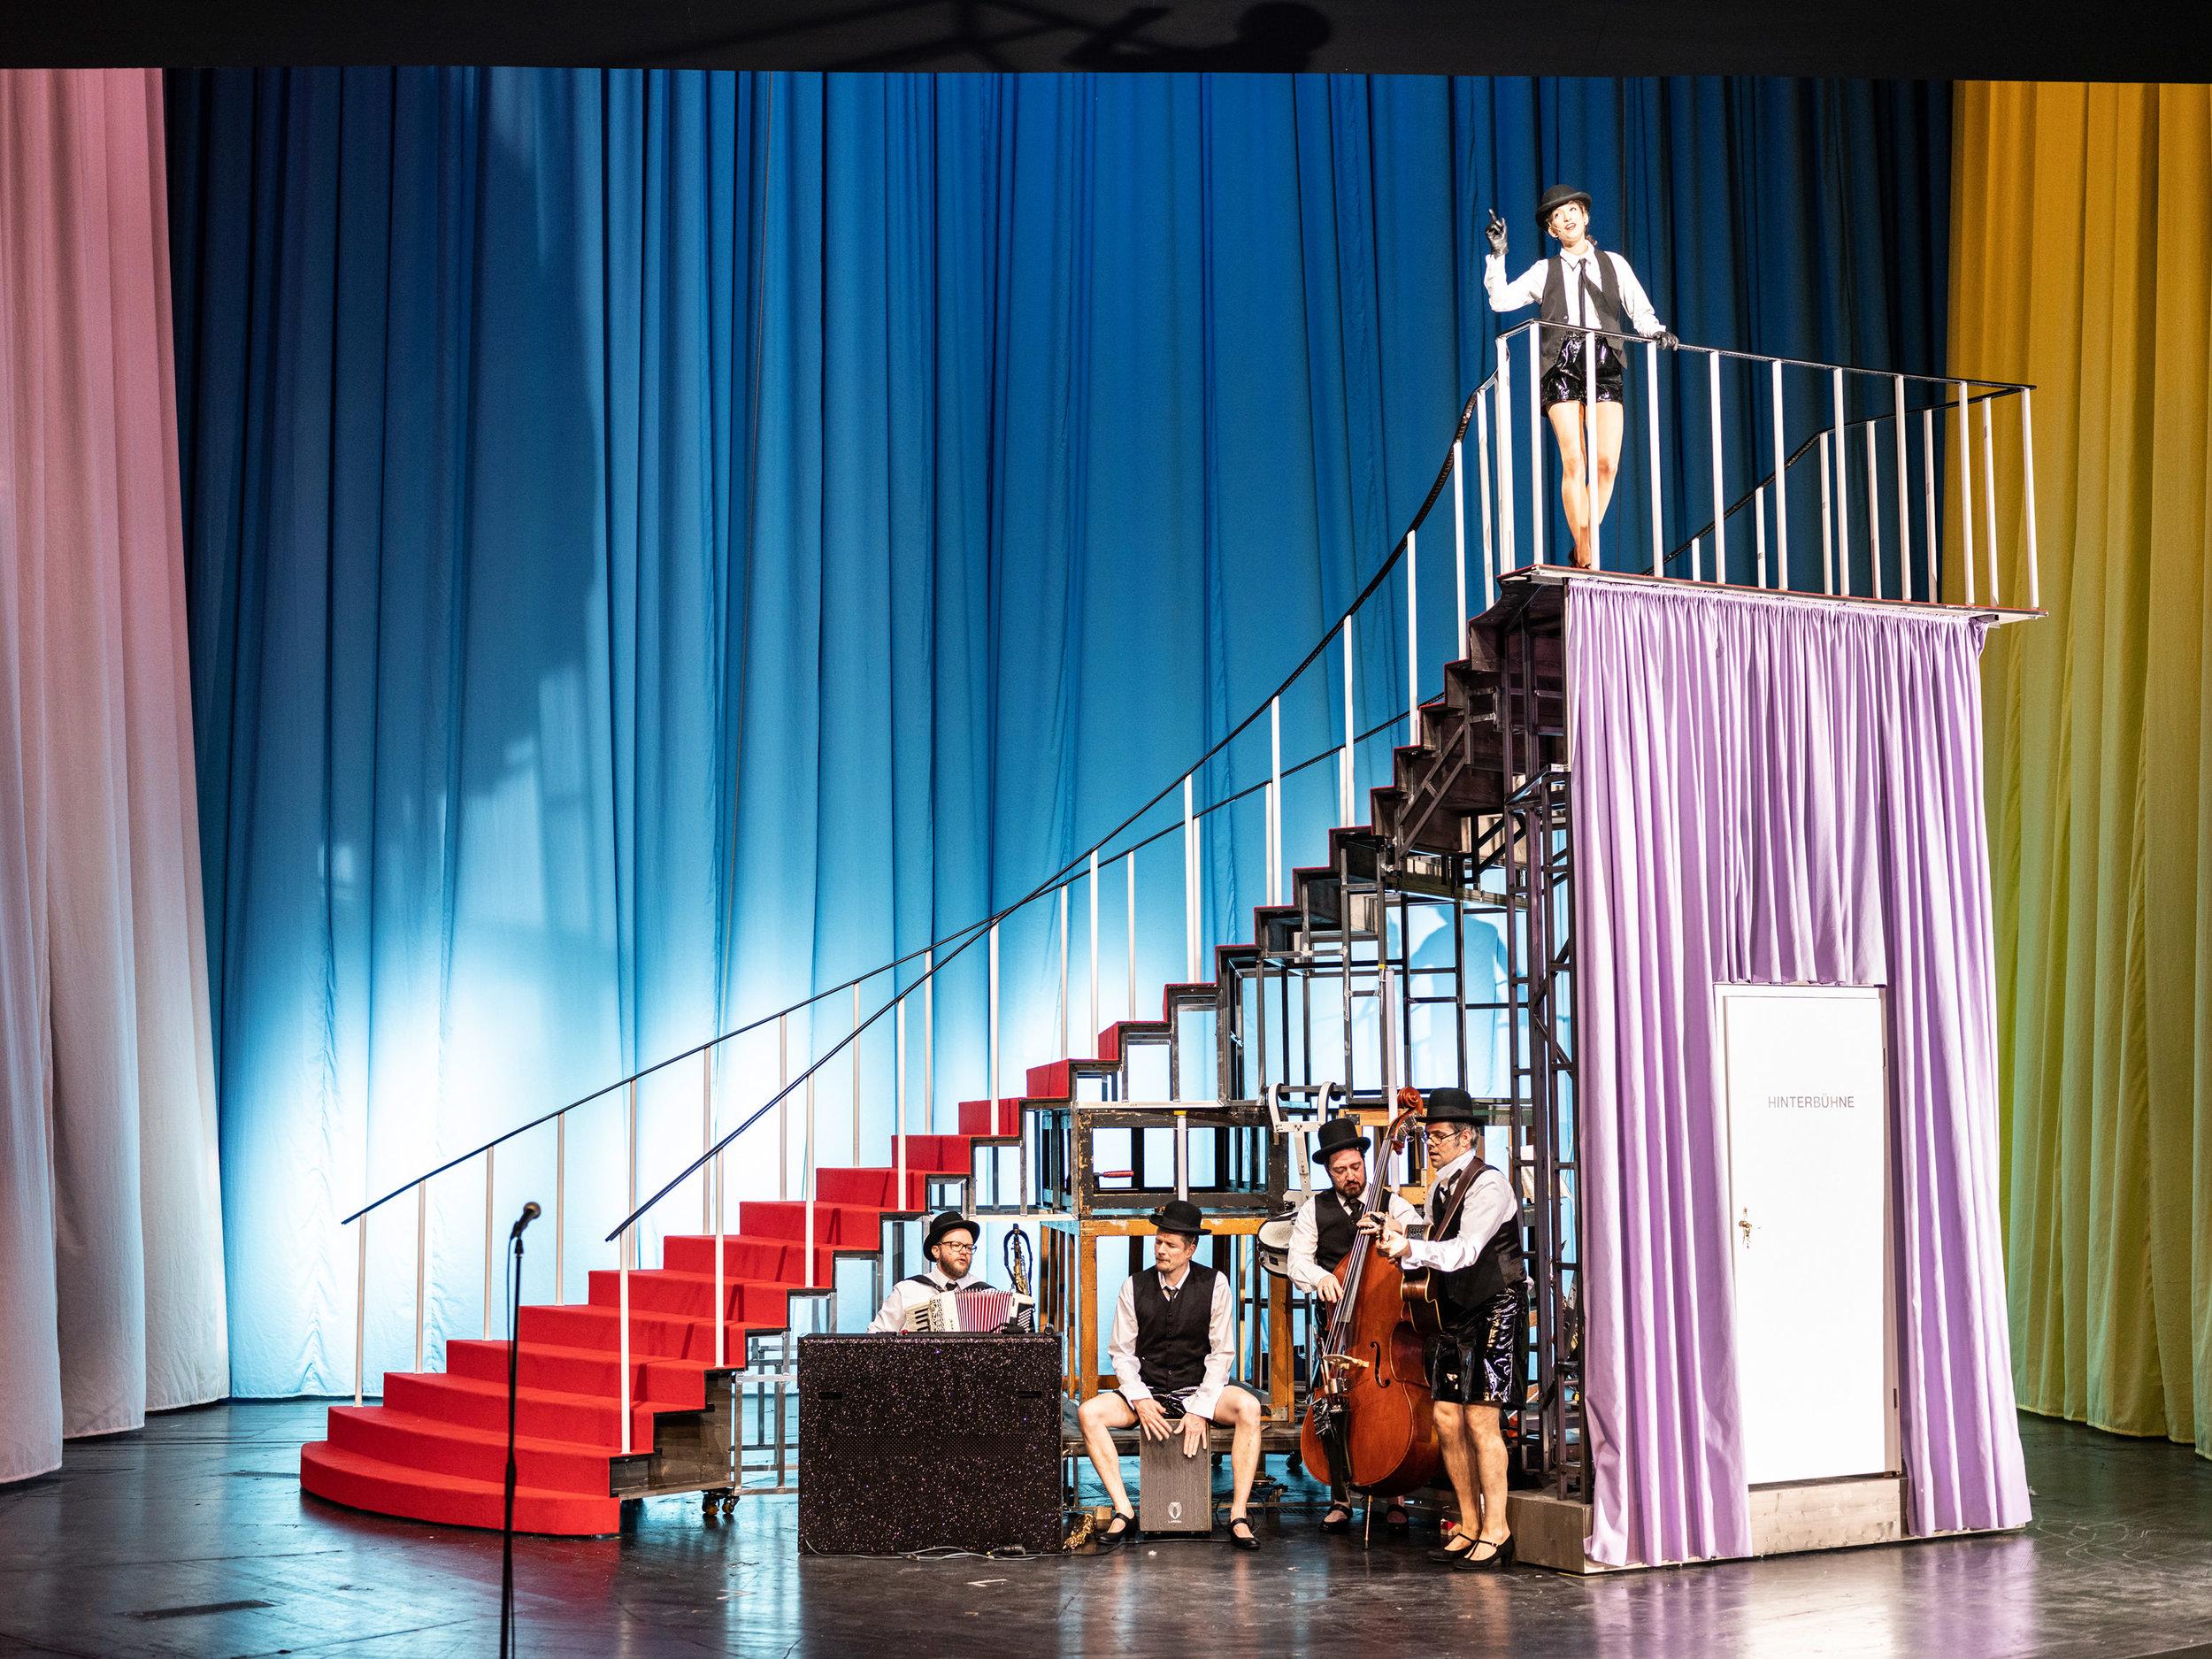 Über 100 Jahre Theatergeschichte an einem einzigen Abend? - Läuft!